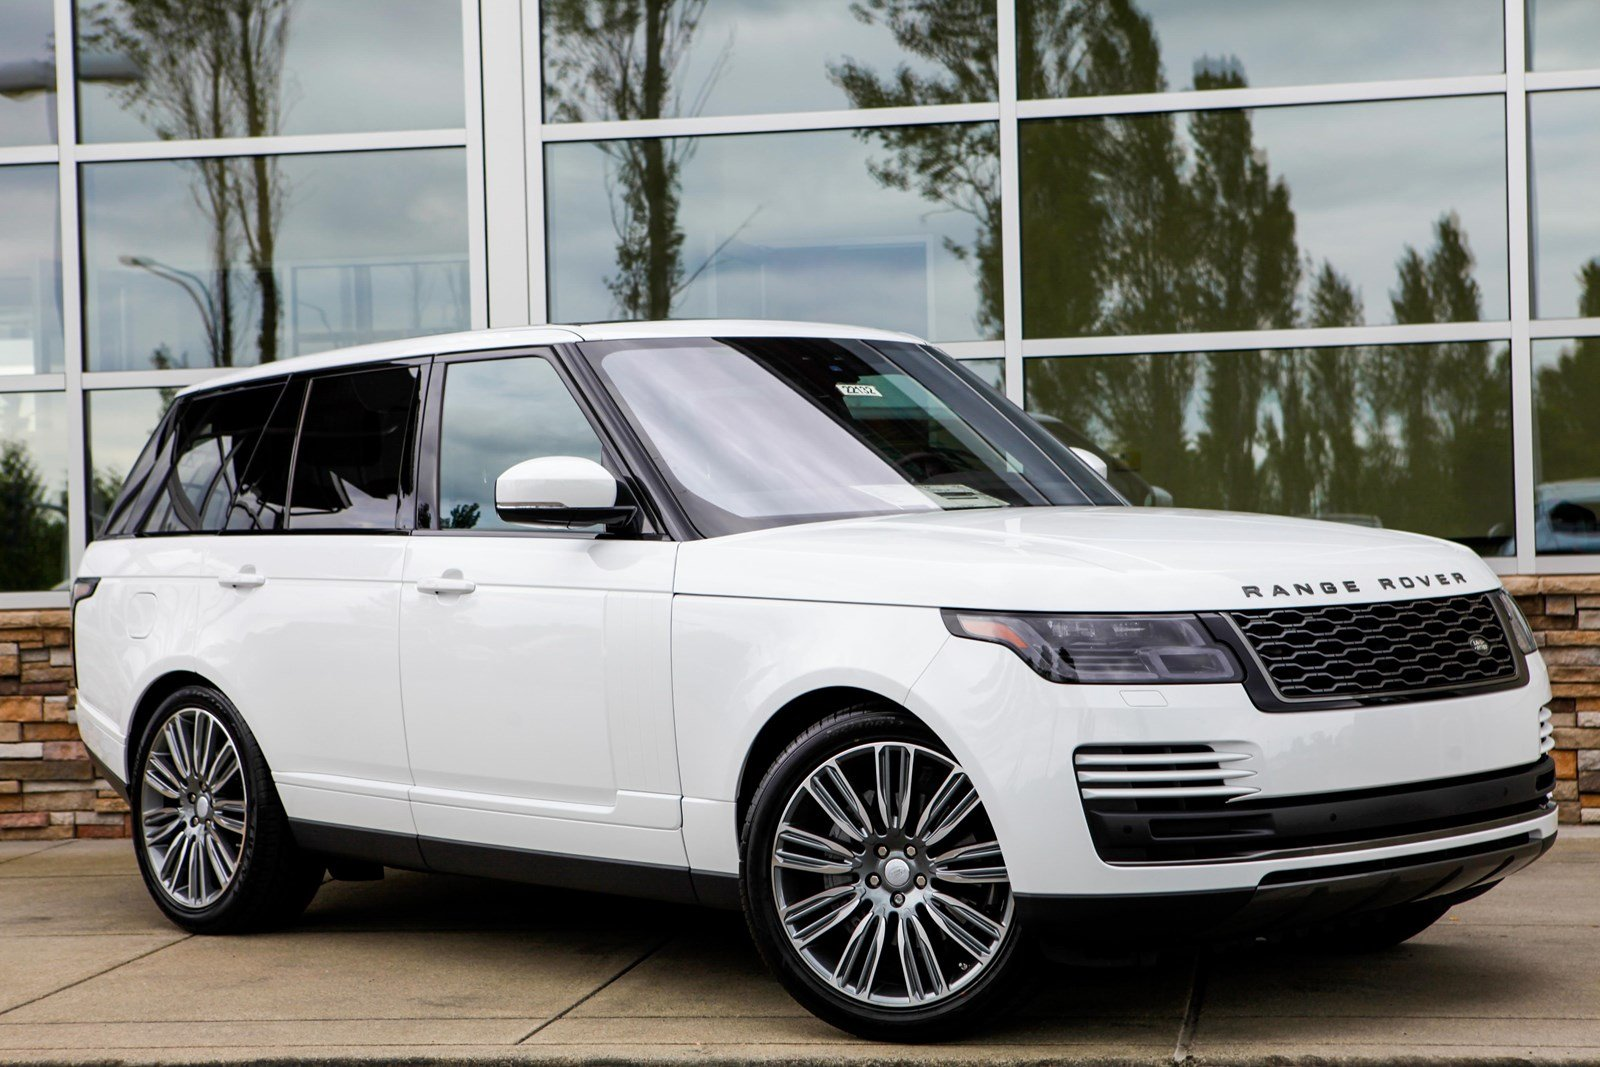 Range Rover HSE Giao Ngay Phiên Bản Tiêu Chuẩn Tại Việt Nam sản xuất 2018, Đời Mới model 2019 có gì khác, range rover màu nào đẹp nhất